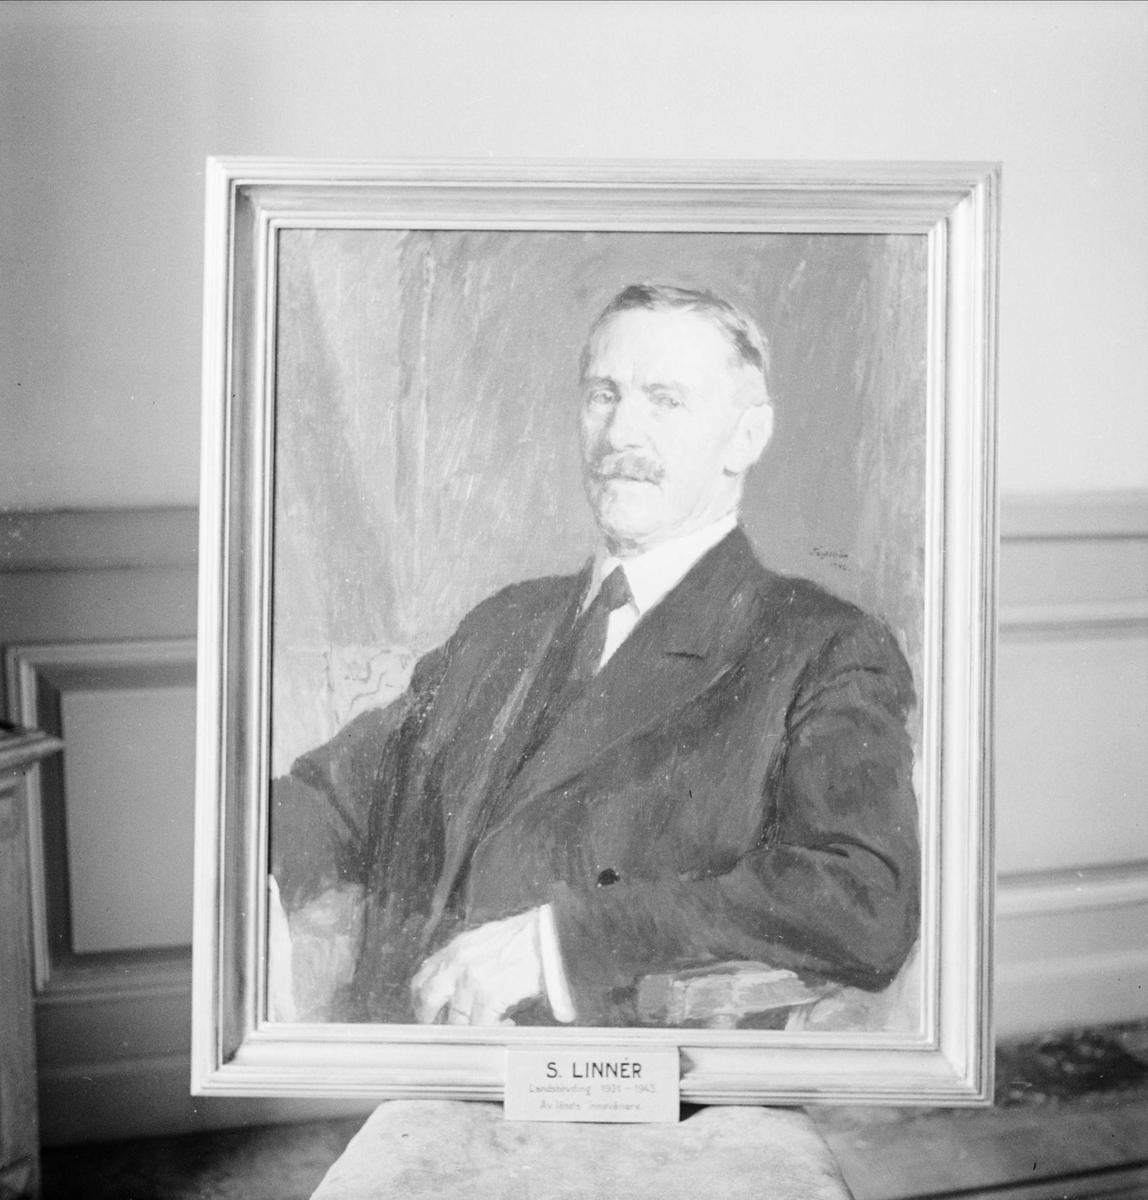 Oljemålning - porträtt av landshövding Sigfrid Linnér, Uppsala